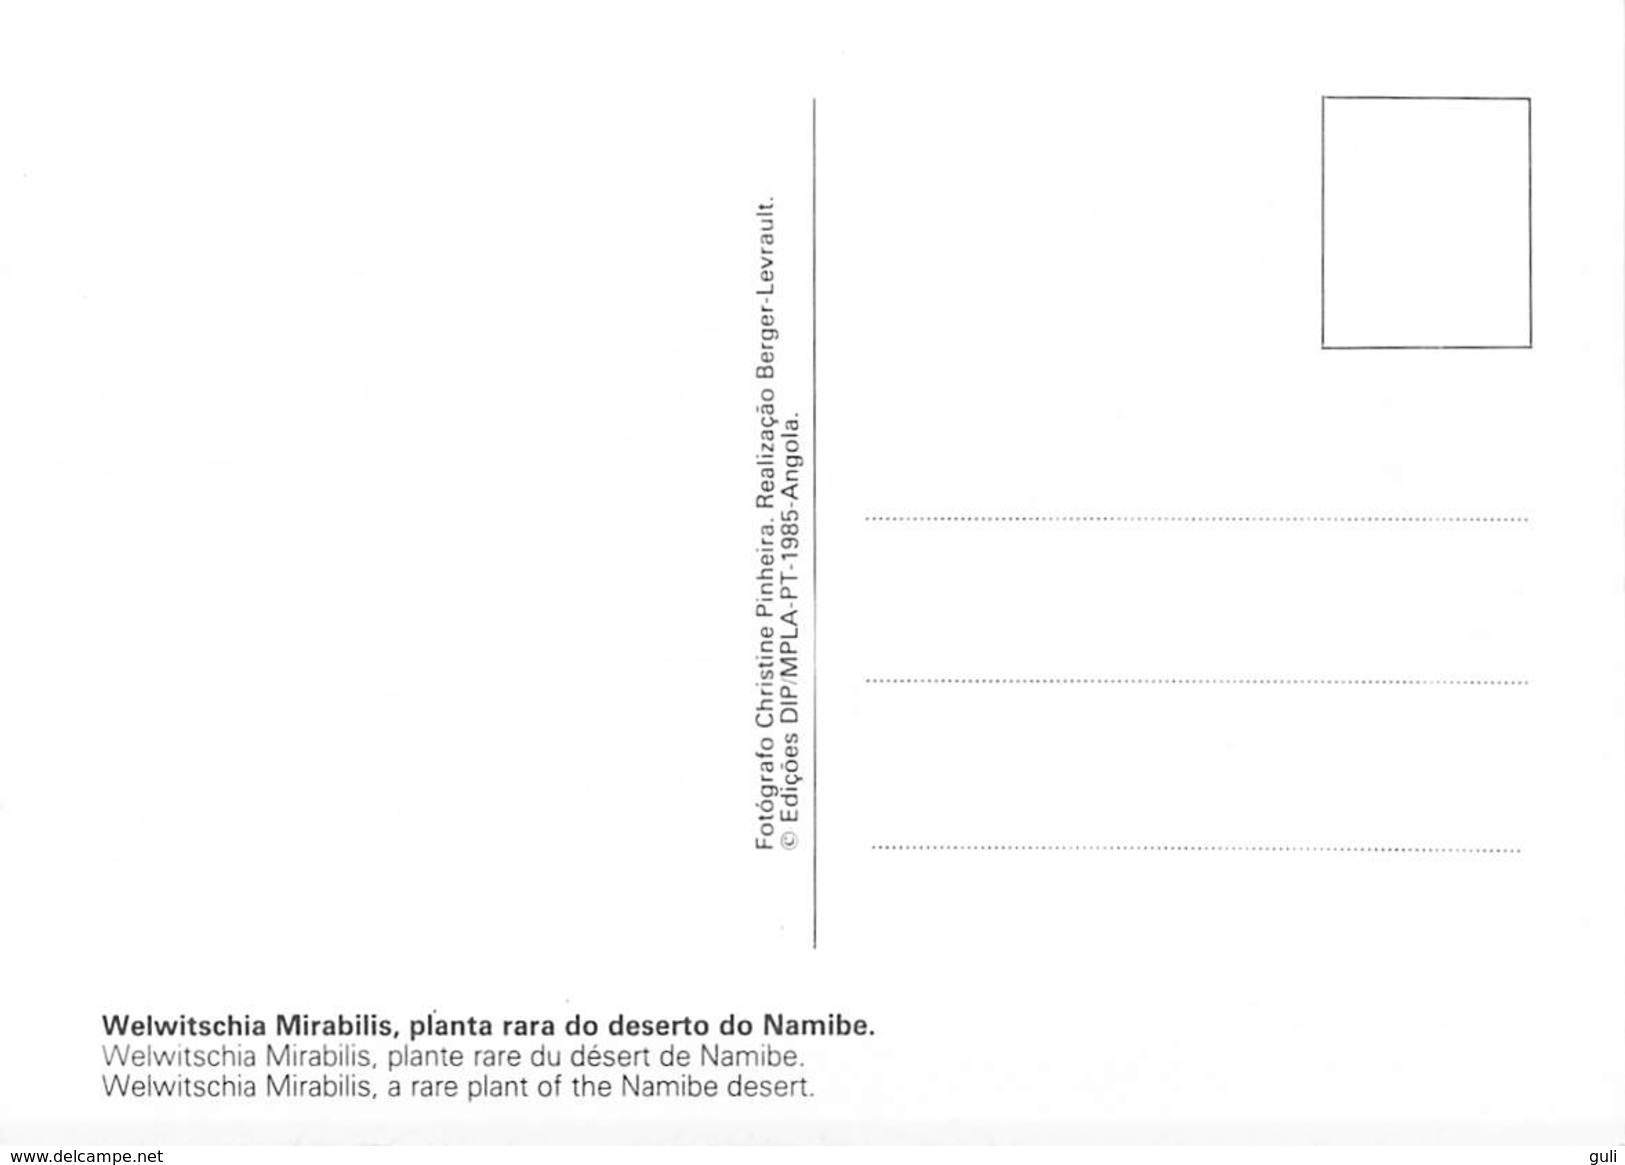 Afrique > ANGOLA-  Welwitschia Mirabilis Planta Rara Do Deserto Do Namibe, Plante Rare *PRIX FIXE - Angola